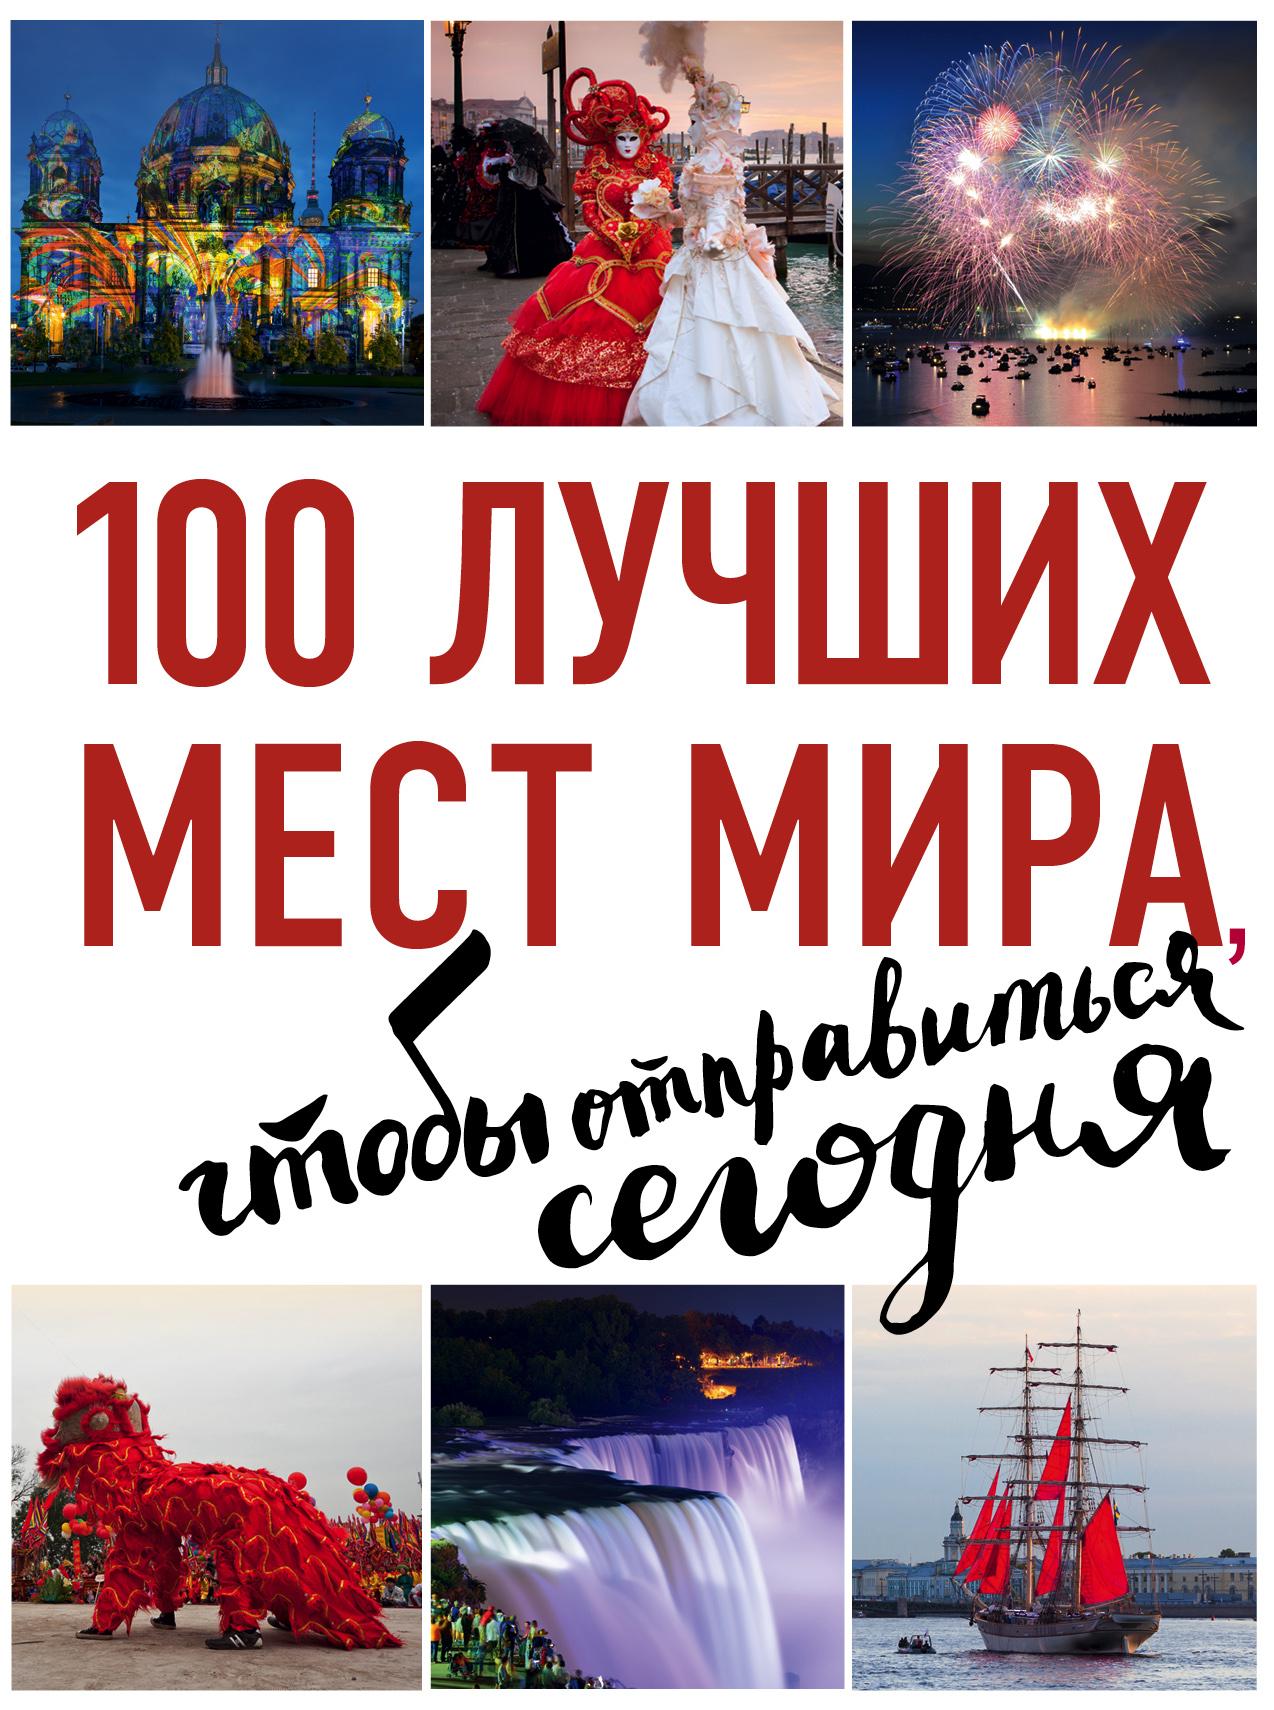 Татьяна Томилова 100 лучших мест мира, чтобы отправиться сегодня эксмо 365 лучших мест чтобы отправиться сегодня